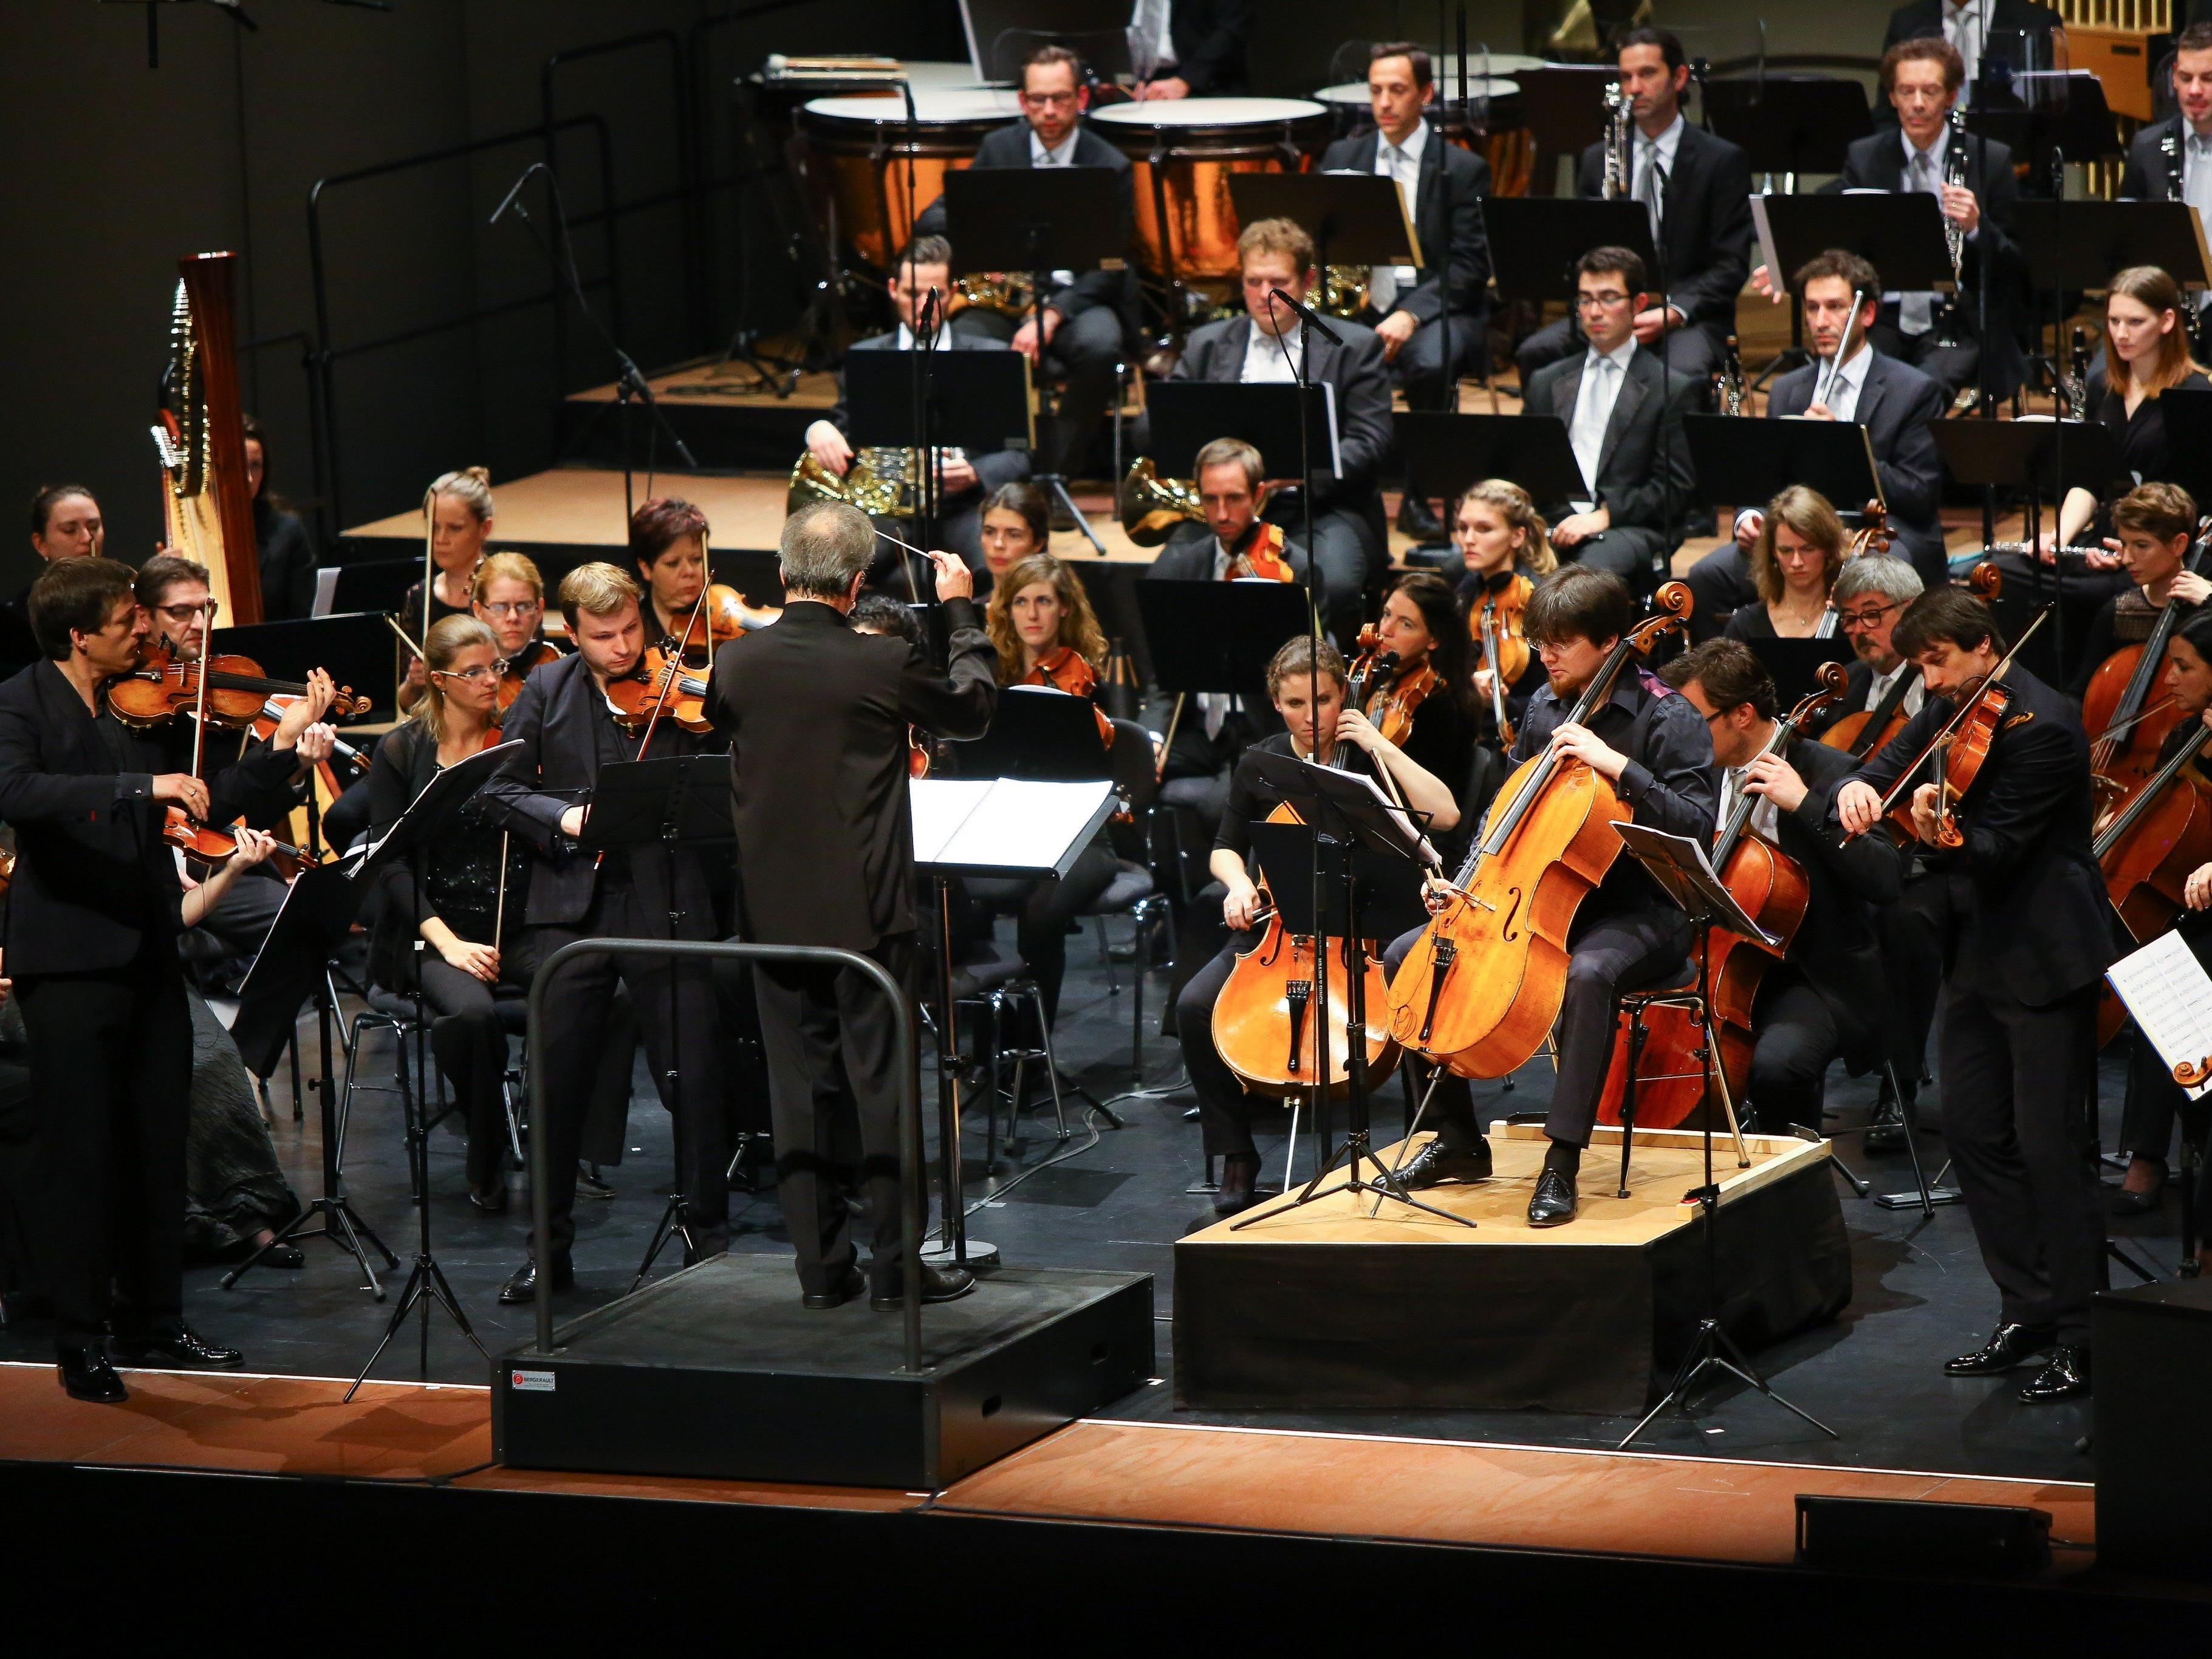 Das Symphonieorchster Vorarlberg verspricht zur neuen Saison mehr Zeitgenössisches.